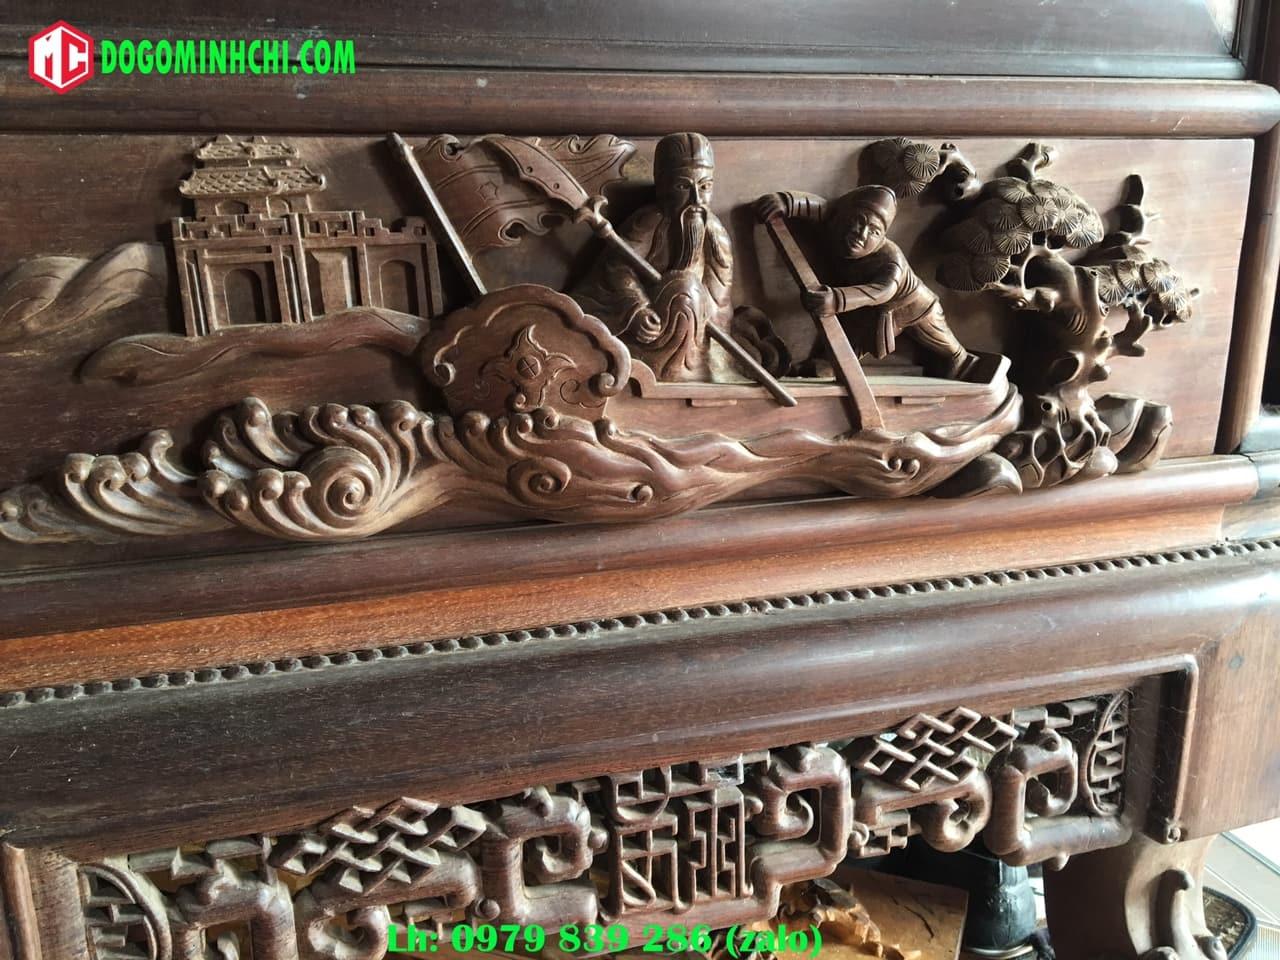 Tủ chùa trạm tích gỗ gụ cũ 5